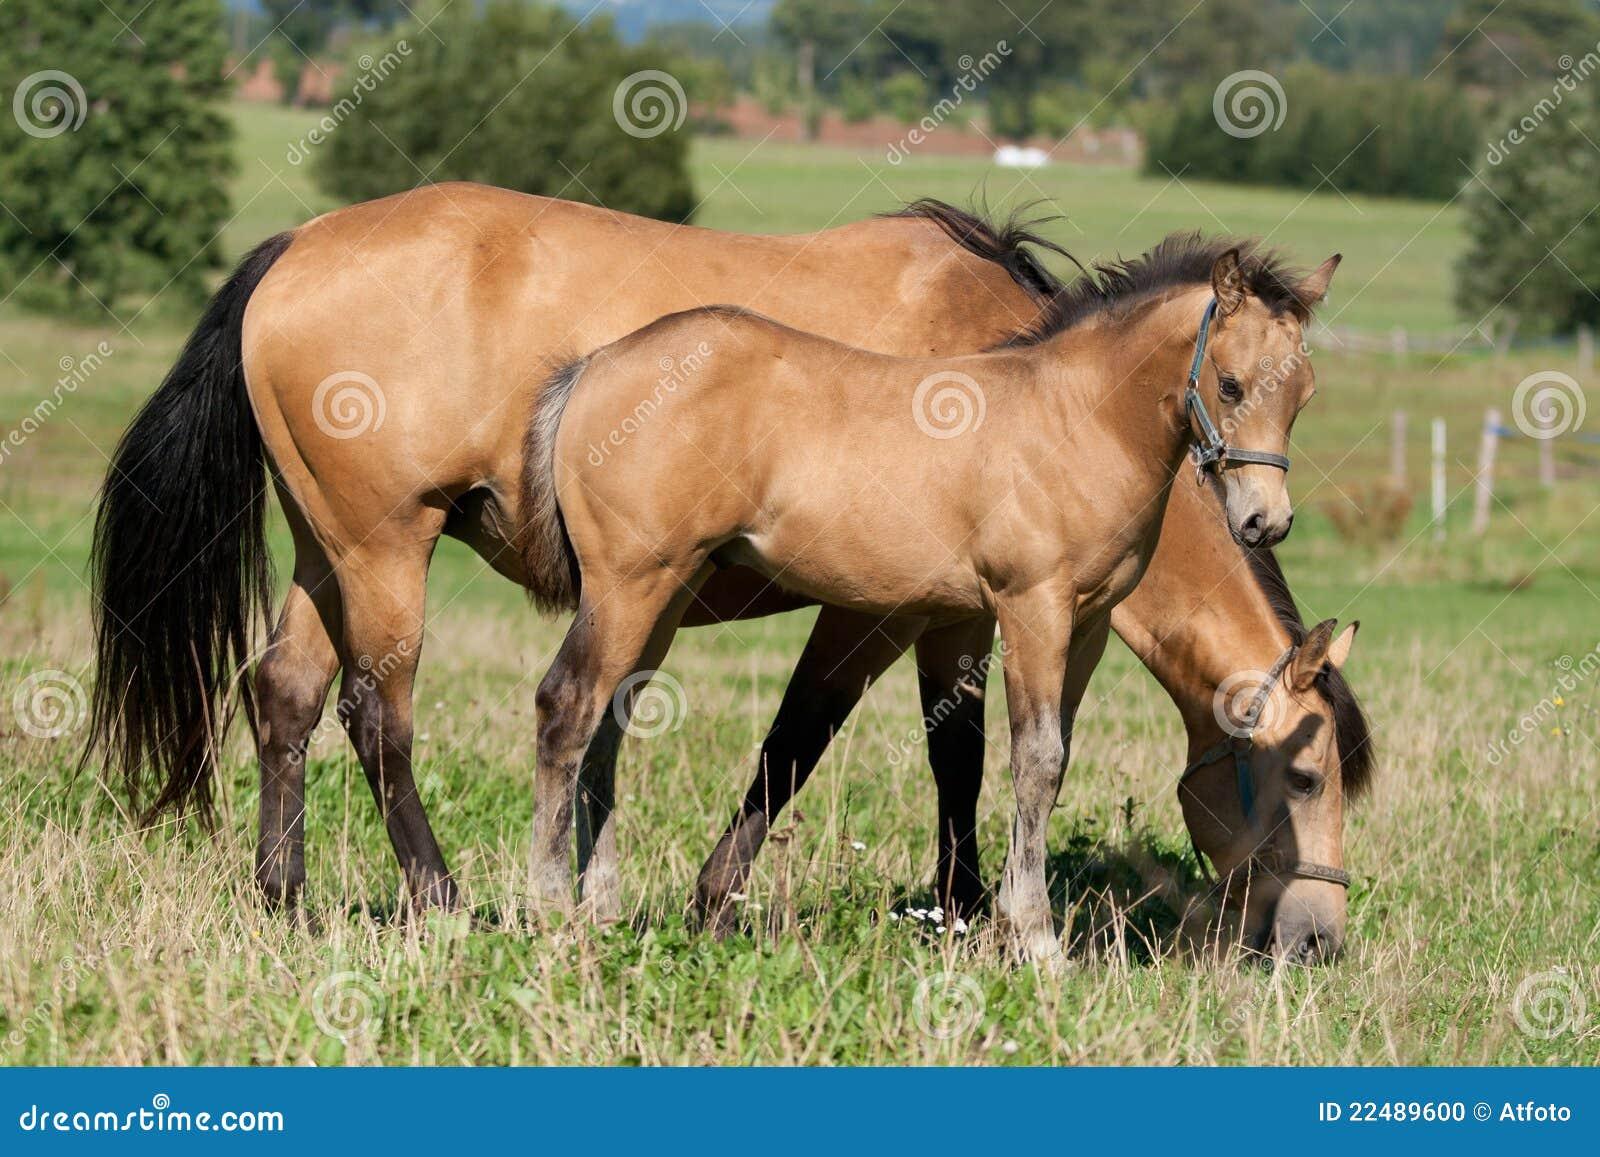 Quarter horse mare for sale in iowa